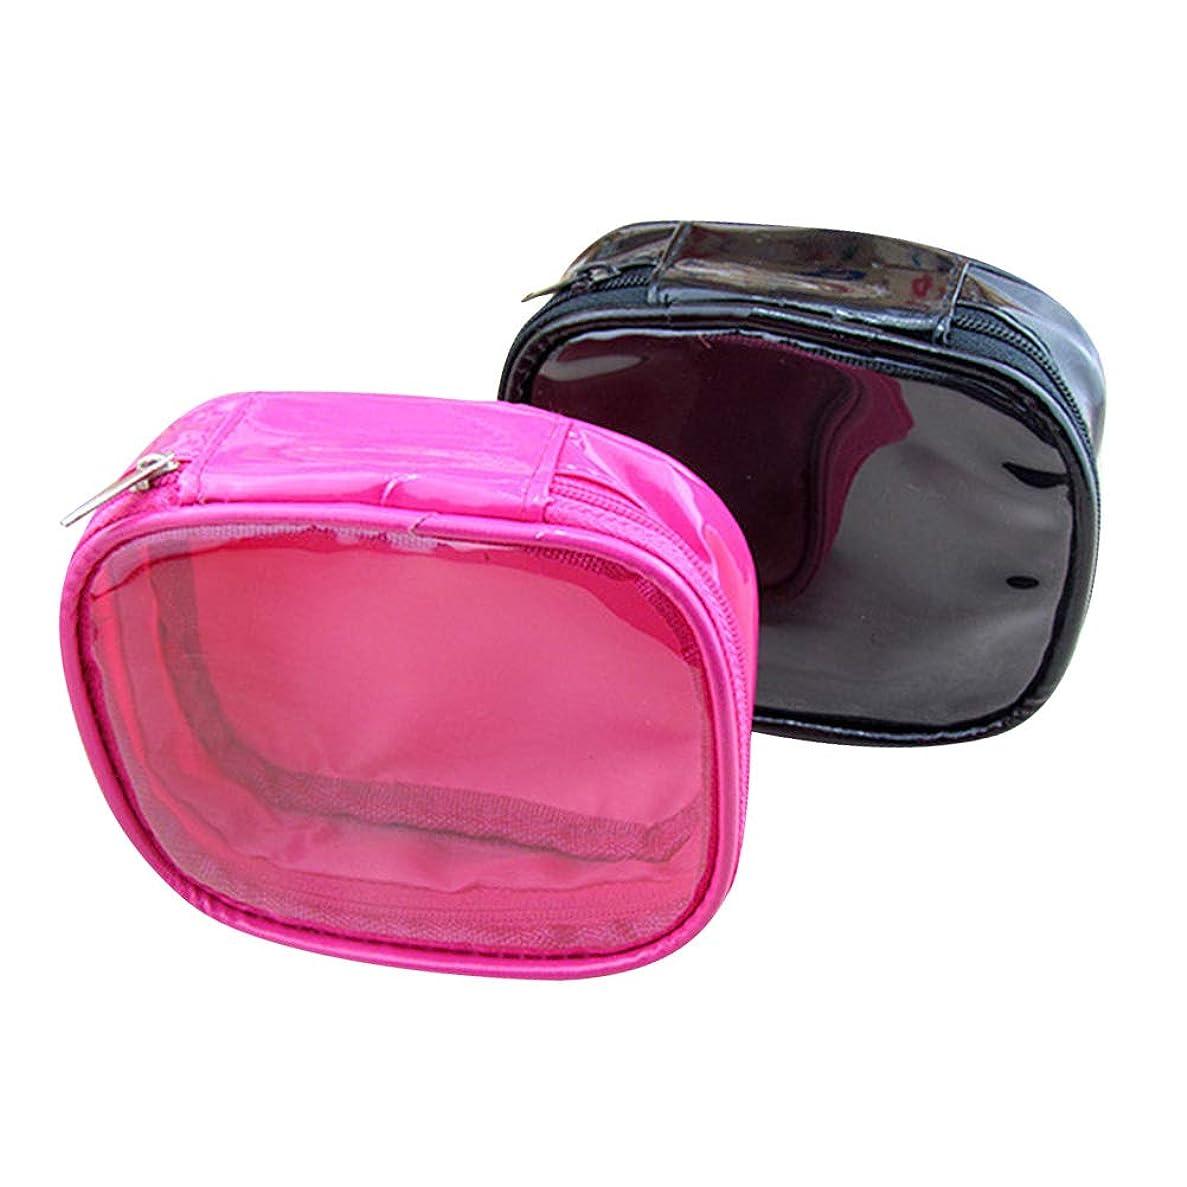 スパイケーブルカー即席SUPVOX SUPVOXコンタクトレンズバッグ防水化粧品バッグPUトイレタリーコンテナポーチ2個(アソートカラー)